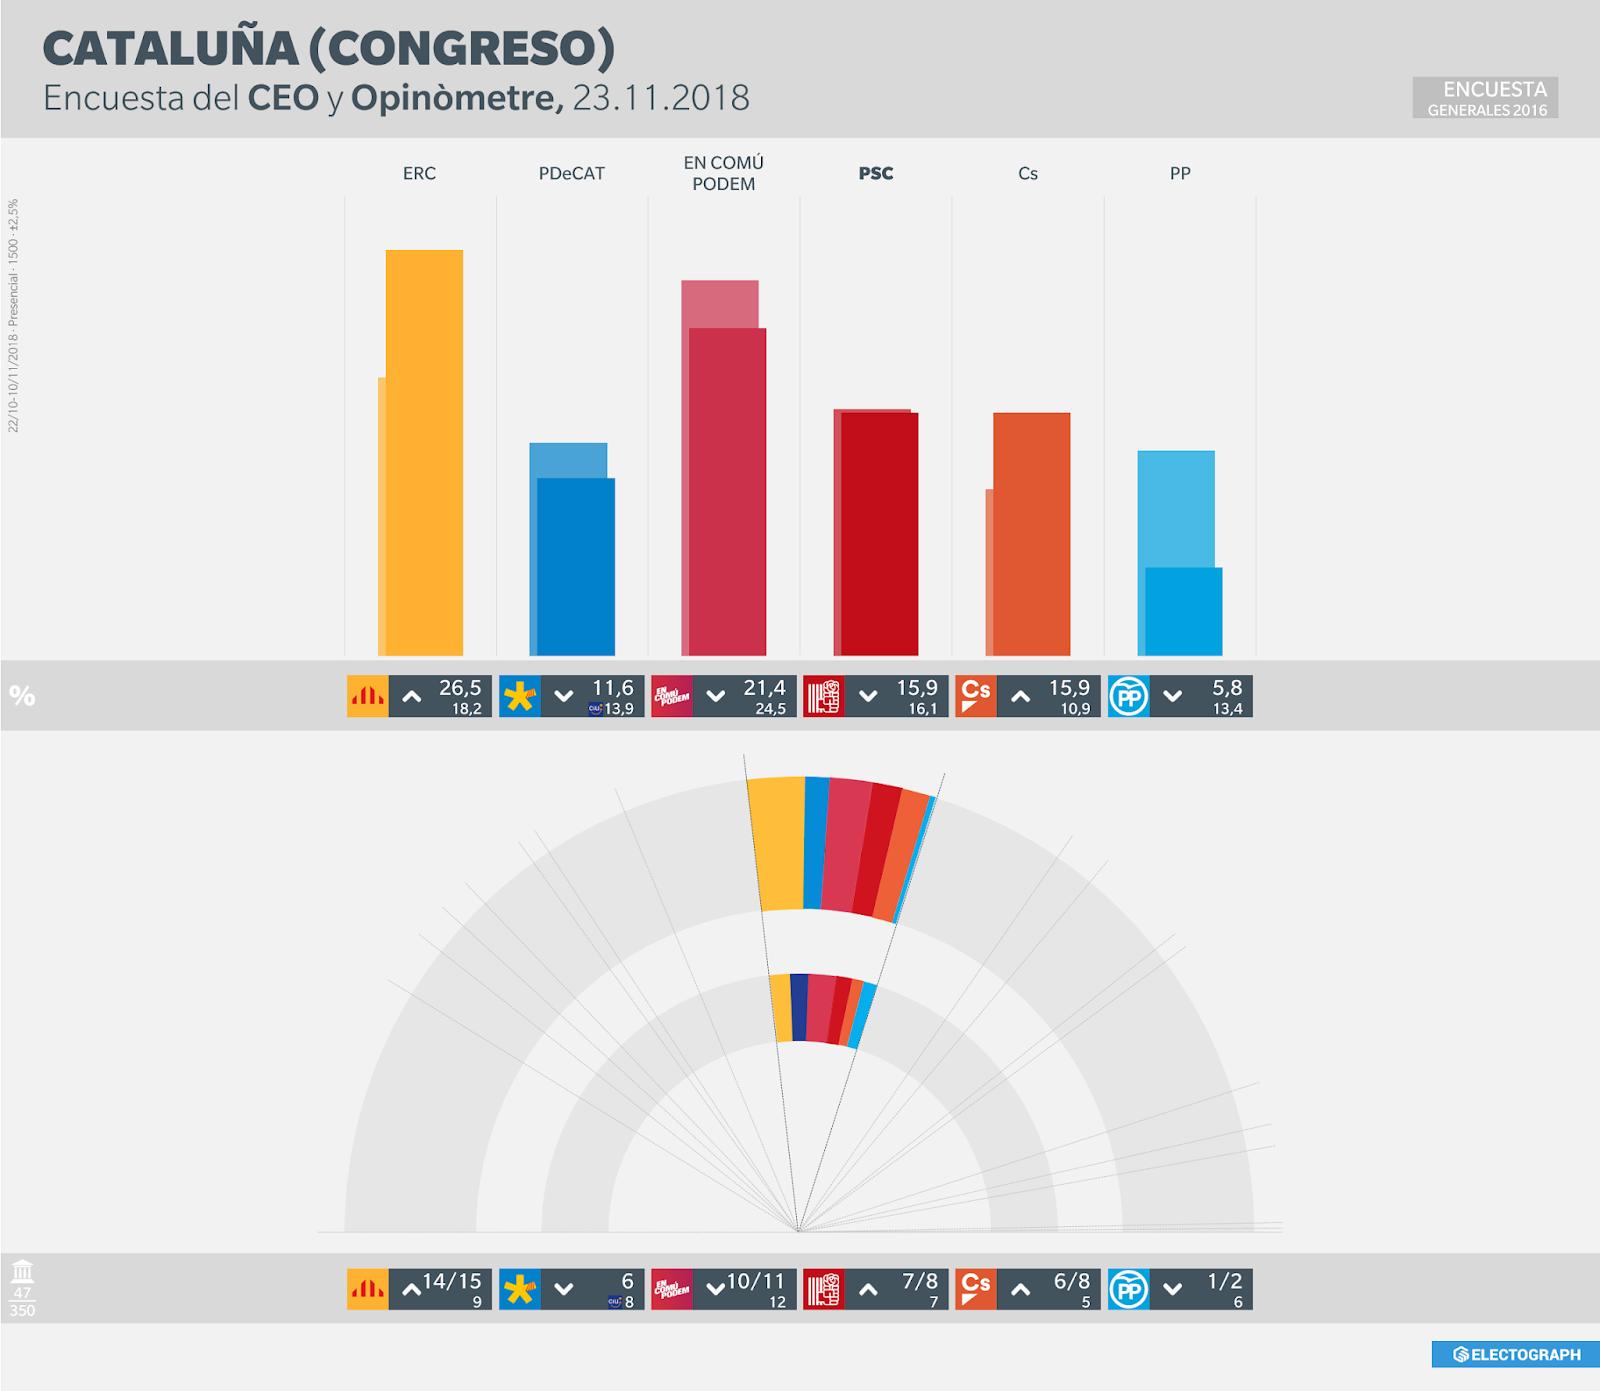 Gráfico de la encuesta para elecciones generales en Cataluña realizada por el CEO y Opinòmetre en noviembre de 2018